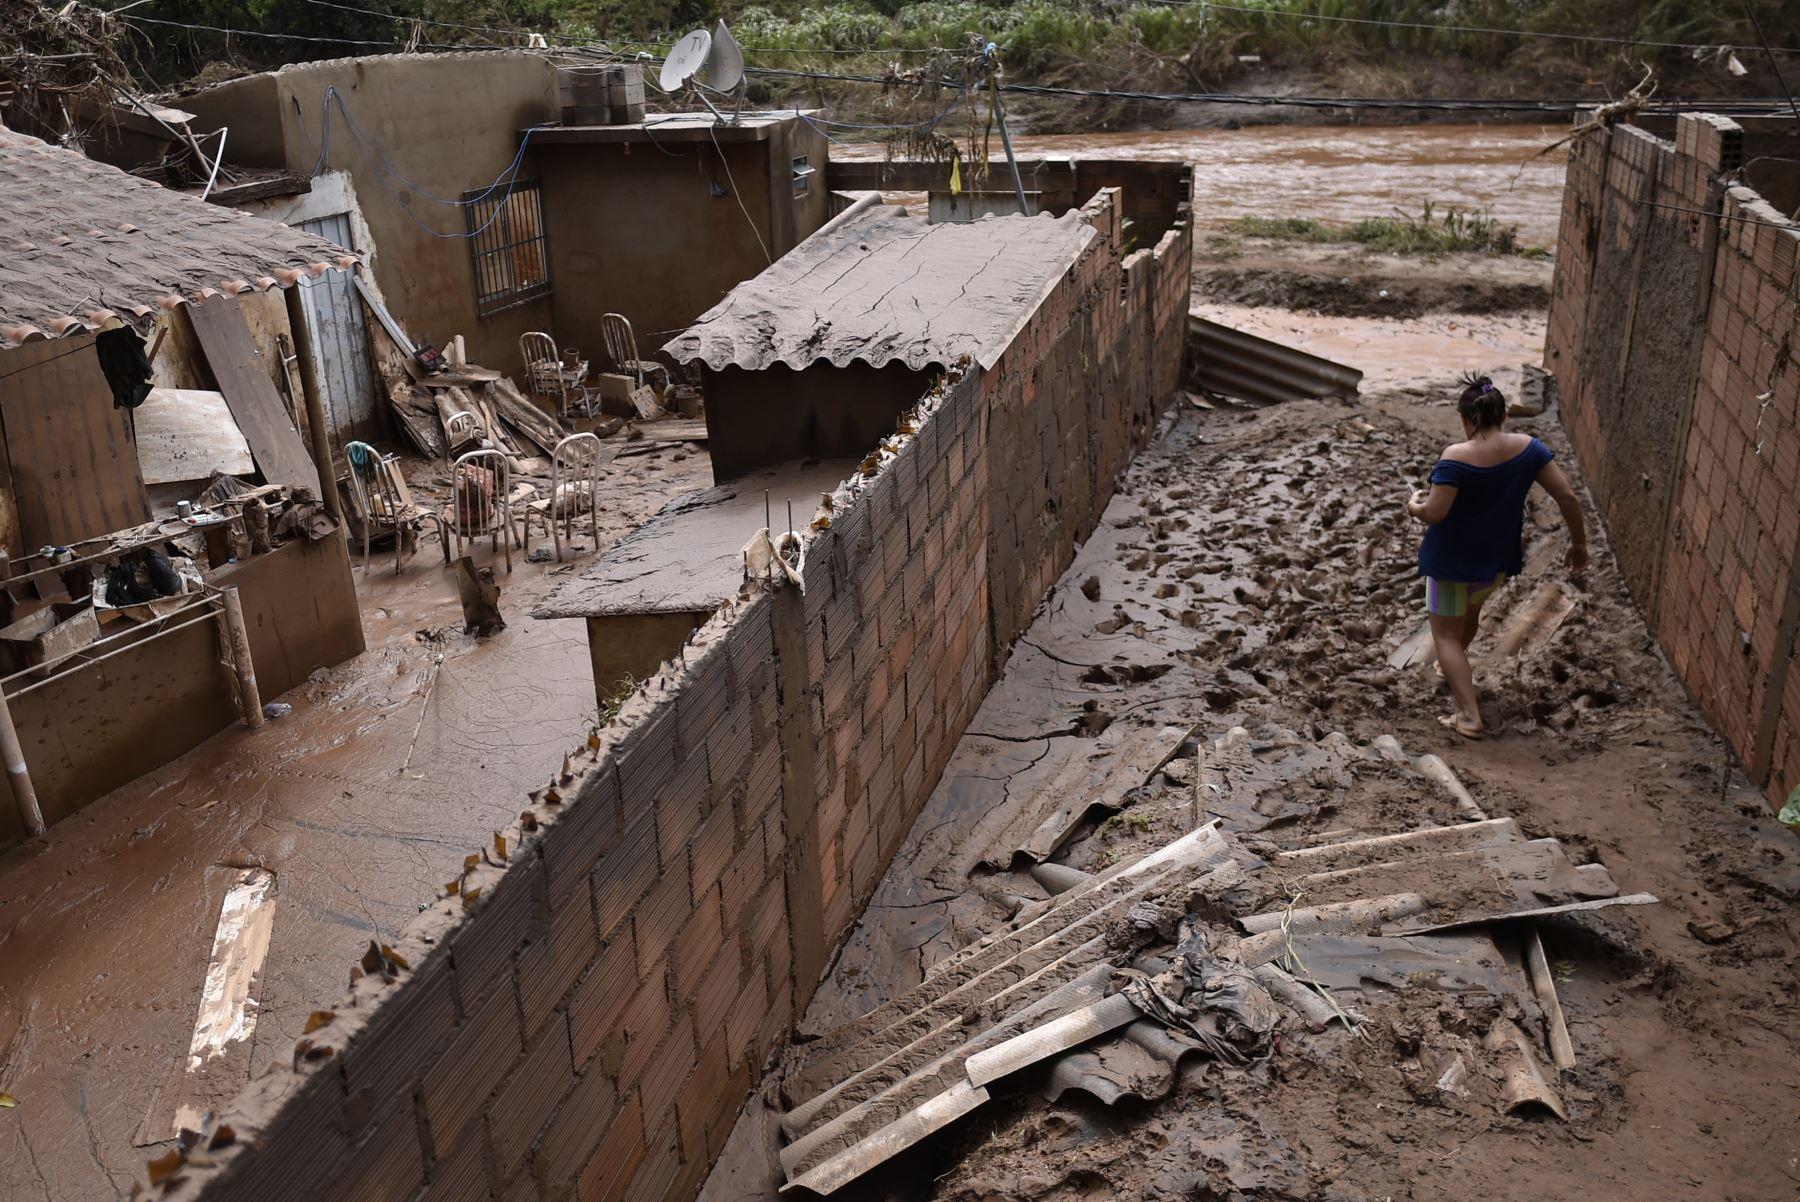 Un deslizamiento de tierra enterró el viernes varias casas en Vila Bernadete, dejando 4 muertos y 7 desaparecidos. Dos días de lluvias torrenciales en el estado de Minas Gerais han dejado al menos 30 muertos, varios heridos, 17 desaparecidos y más de 2.500 personas sin hogar tras una serie de derrumbes y derrumbes de casas, dijeron funcionarios de Defensa Civil. AFP